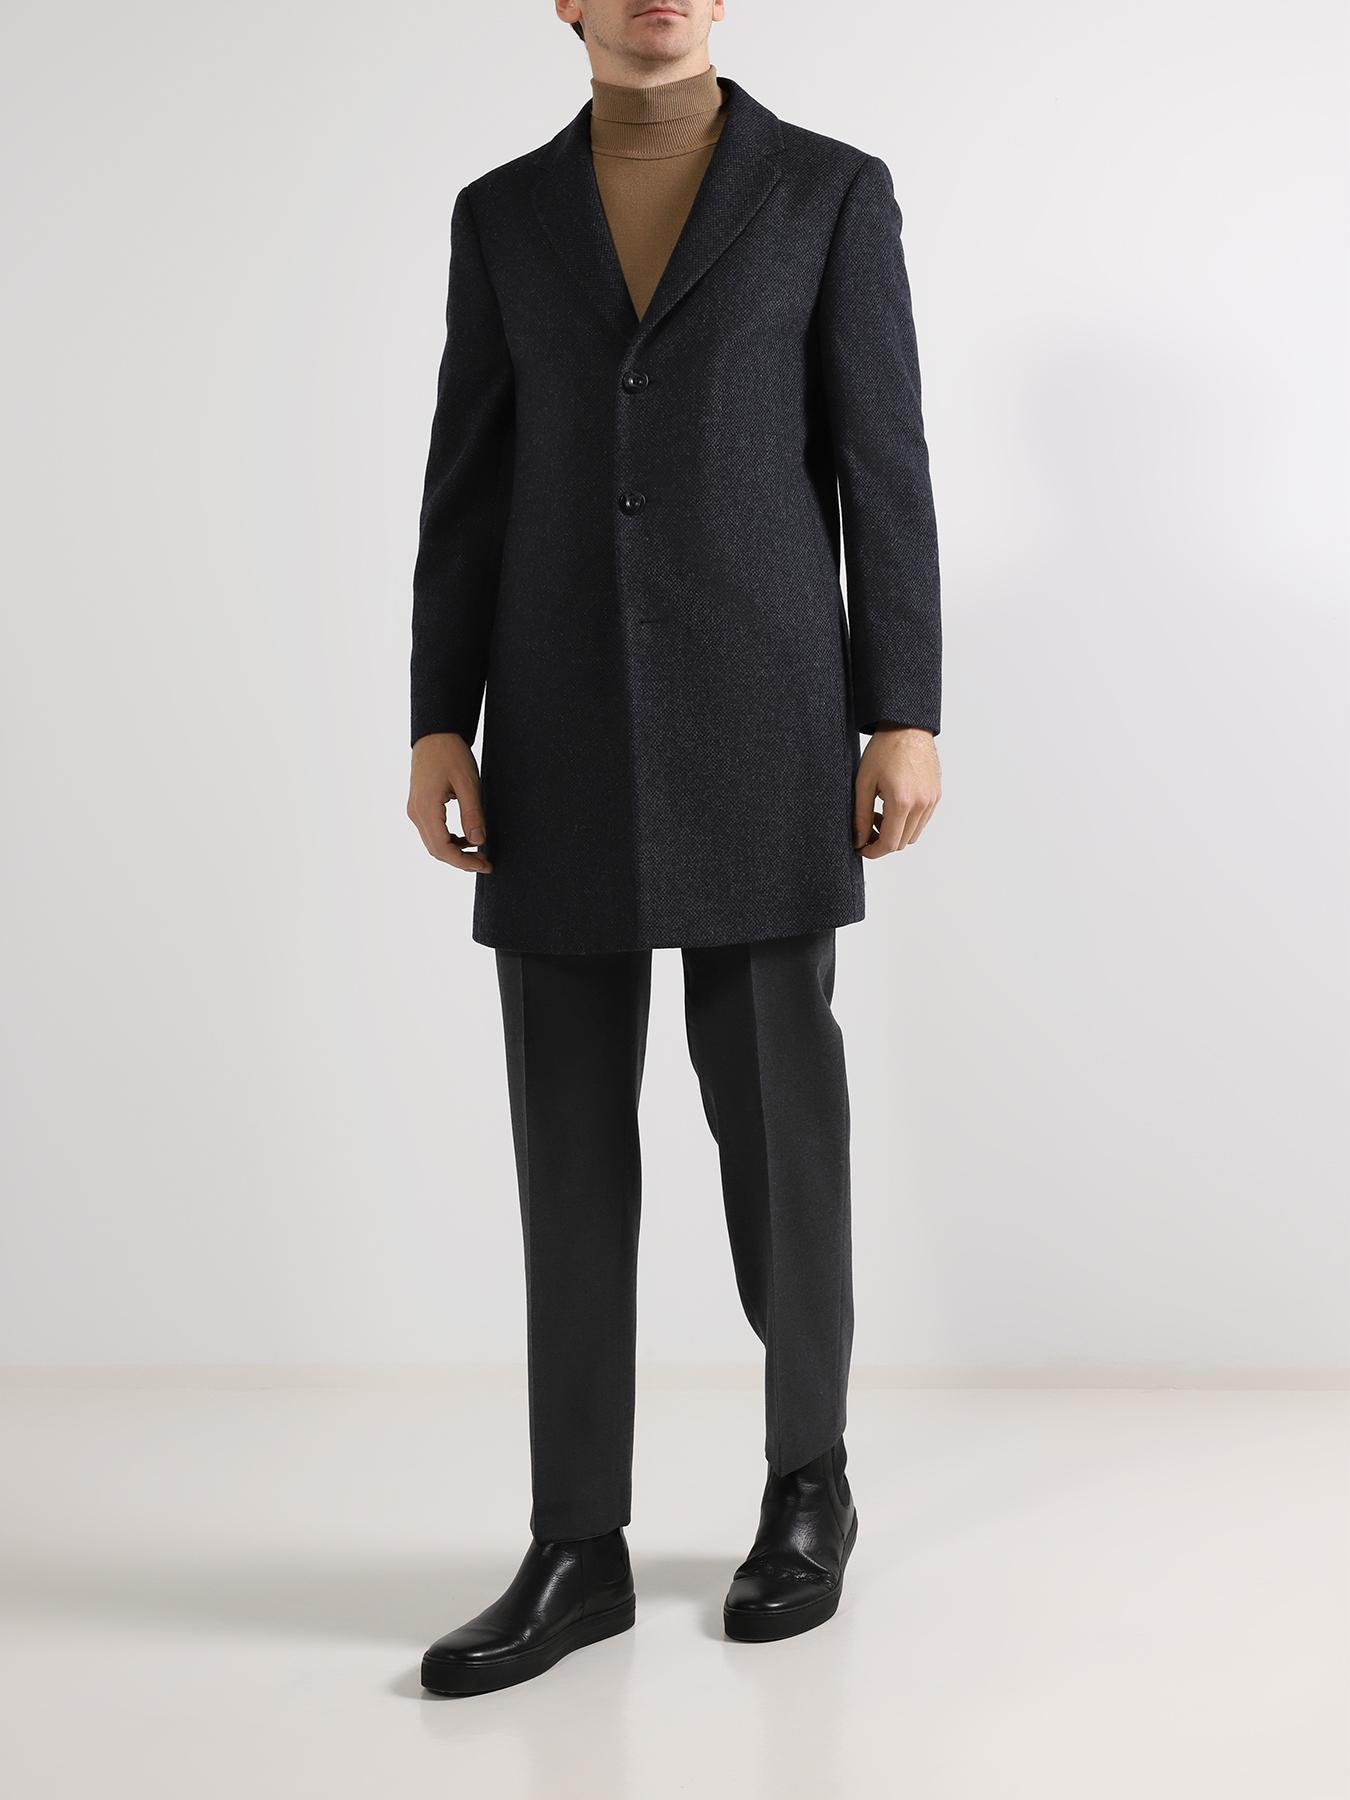 Пальто Alessandro Manzoni Пальто пальто bizzarro пальто